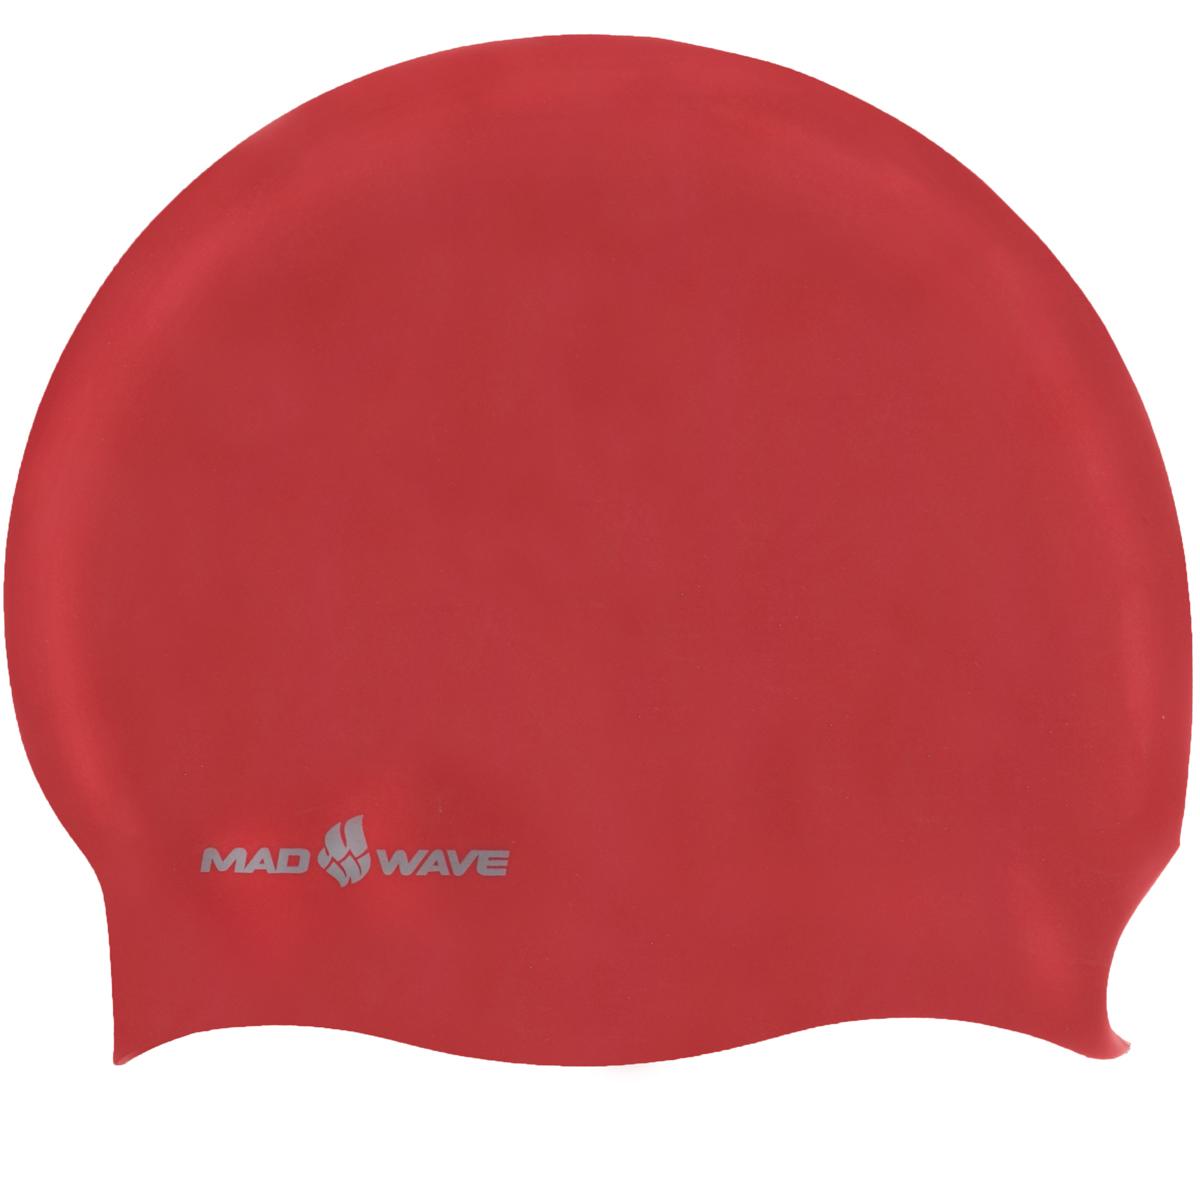 Шапочка для плавания Mad Wave Reverse Champion, цвет: серебро, красный100070793D двусторонняя шапочка для плавания Mad Wave Reverse Champion изготовлена из мягкого прочного силикона, который обеспечивает идеальную подгонку и комфорт. Материал шапочки не вызывает раздражения, что гарантирует безопасность использования шапочки. Силикон не пропускает воду и приятен на ощупь.